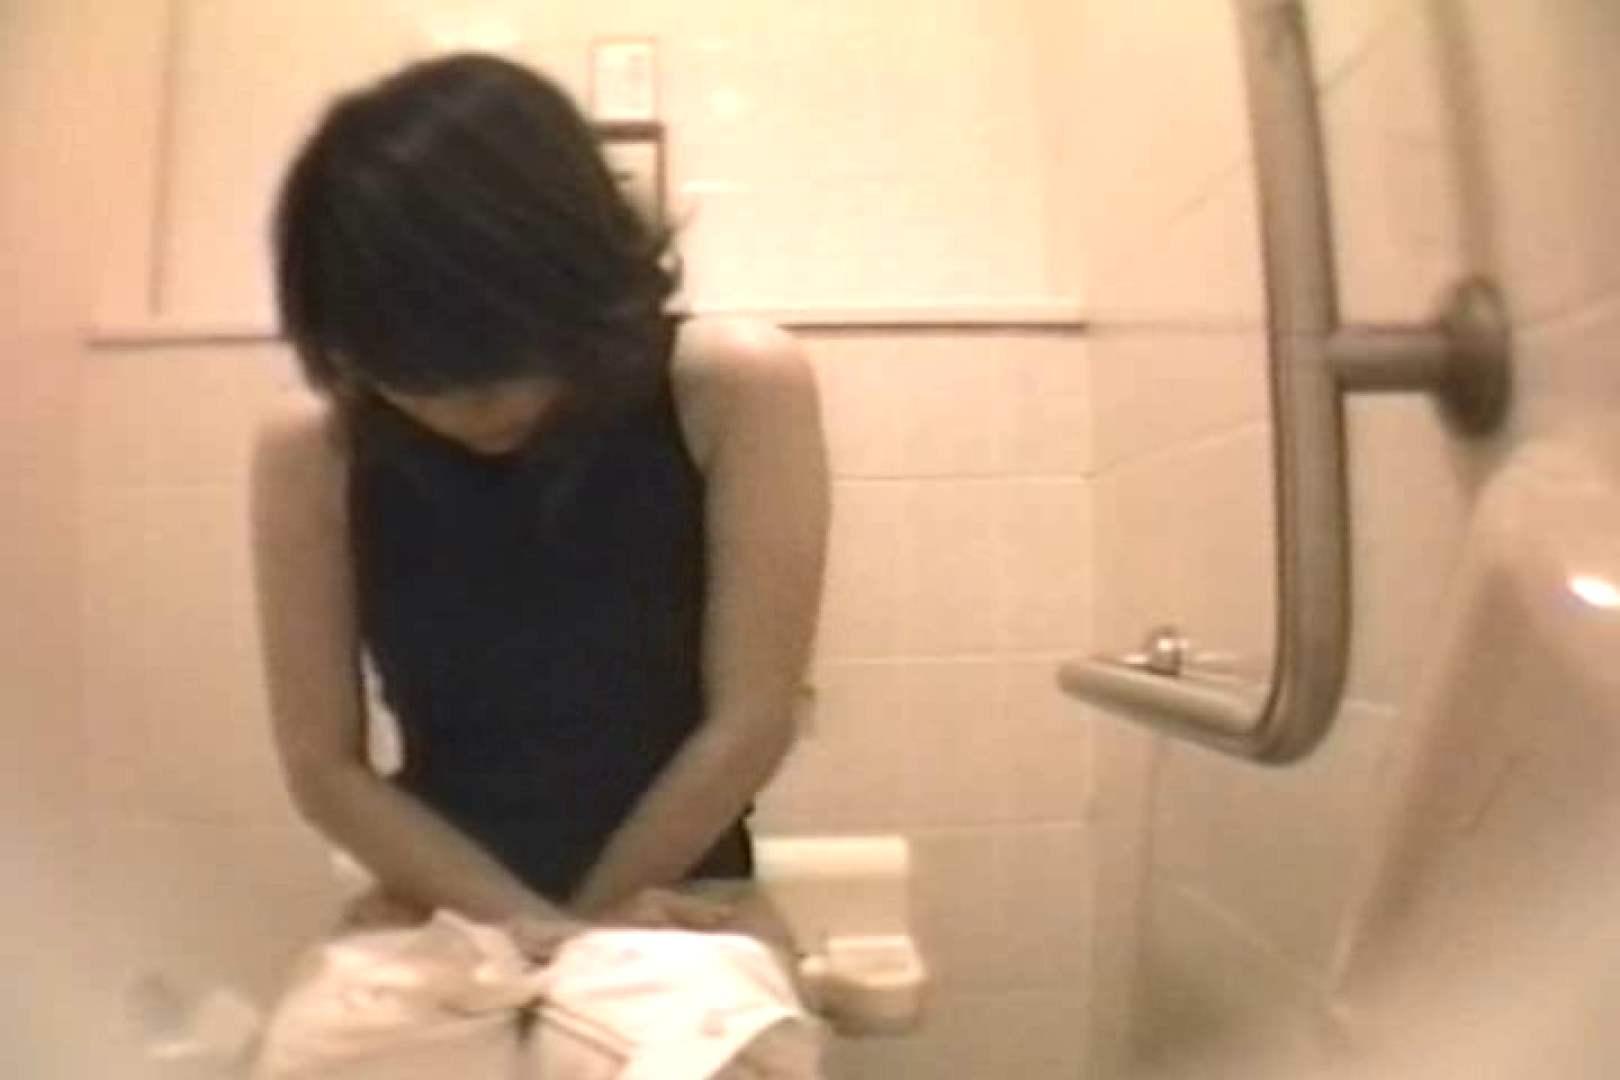 個室狂いのマニア映像Vol.4 洗面所はめどり   和式  61画像 7